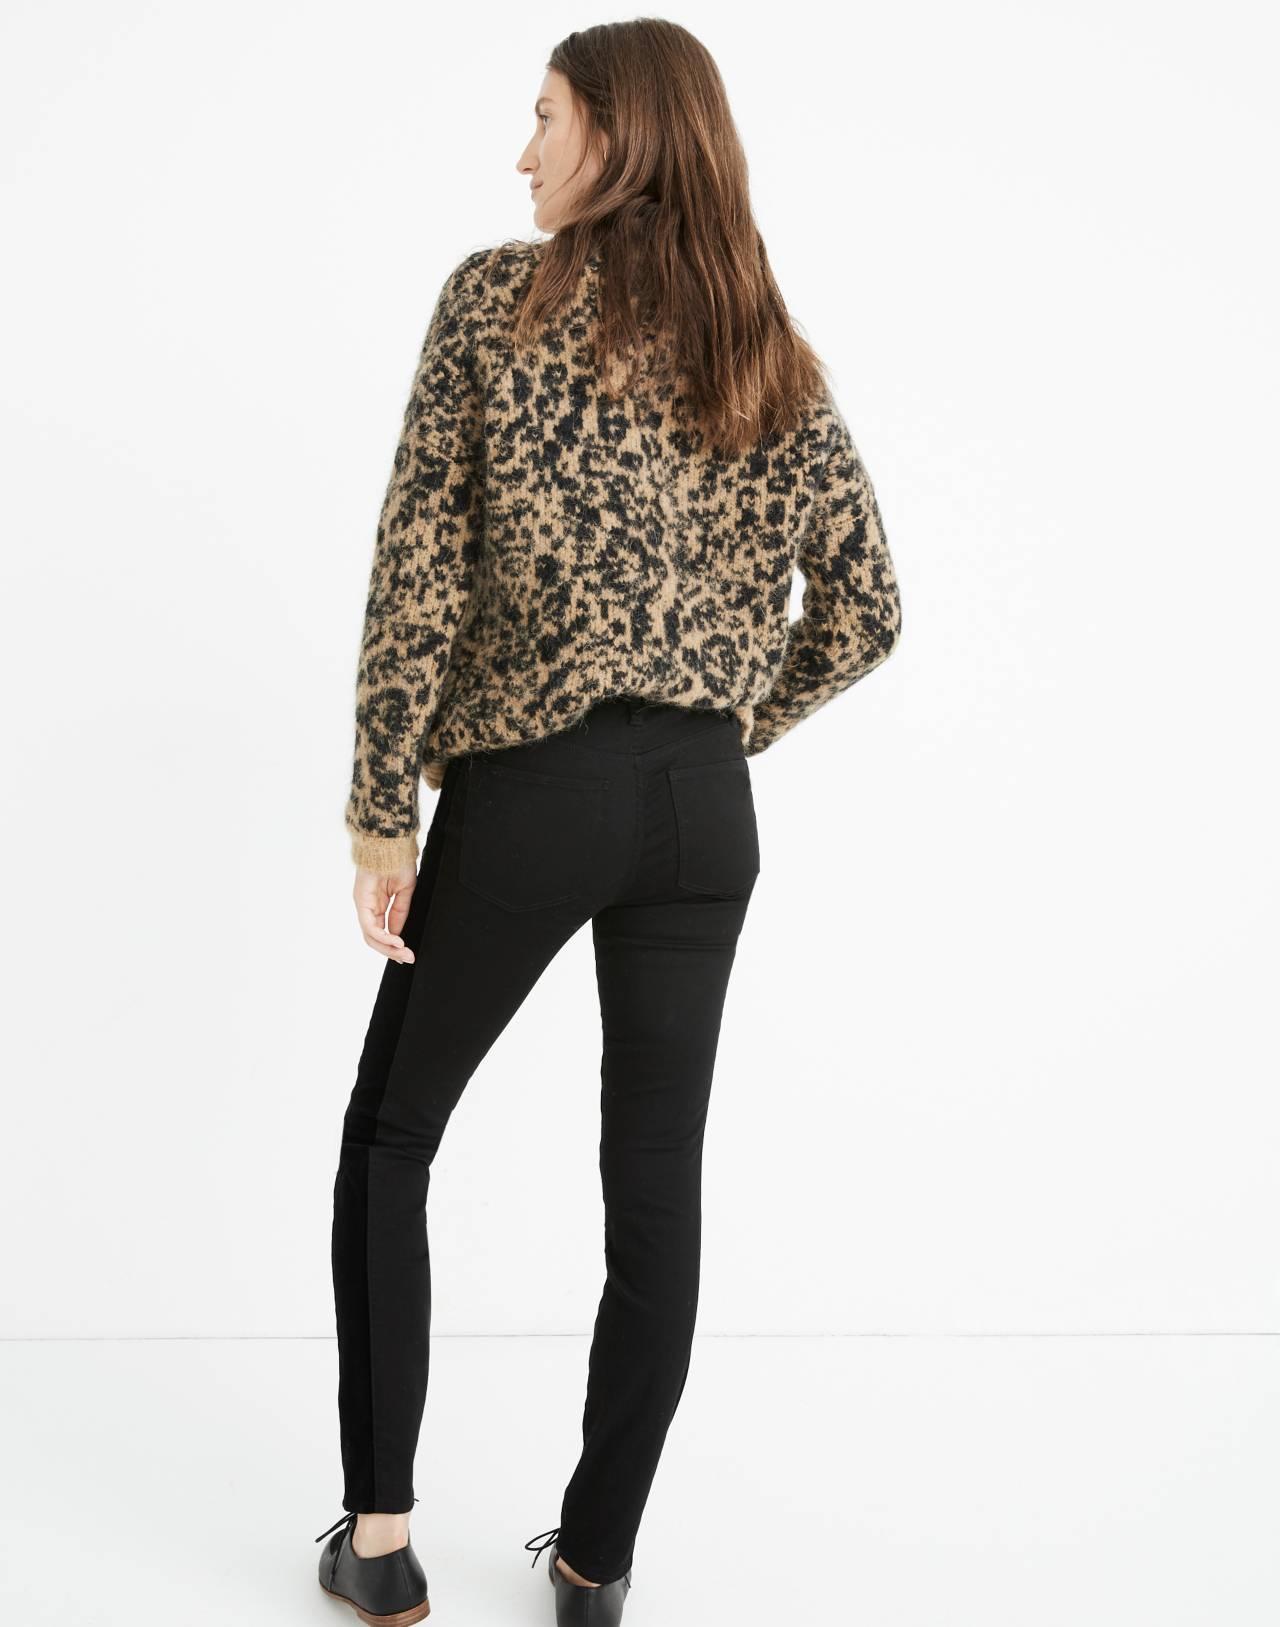 """9"""" High-Rise Skinny Jeans: Velvet Tuxedo Stripe Edition in esther wash image 3"""